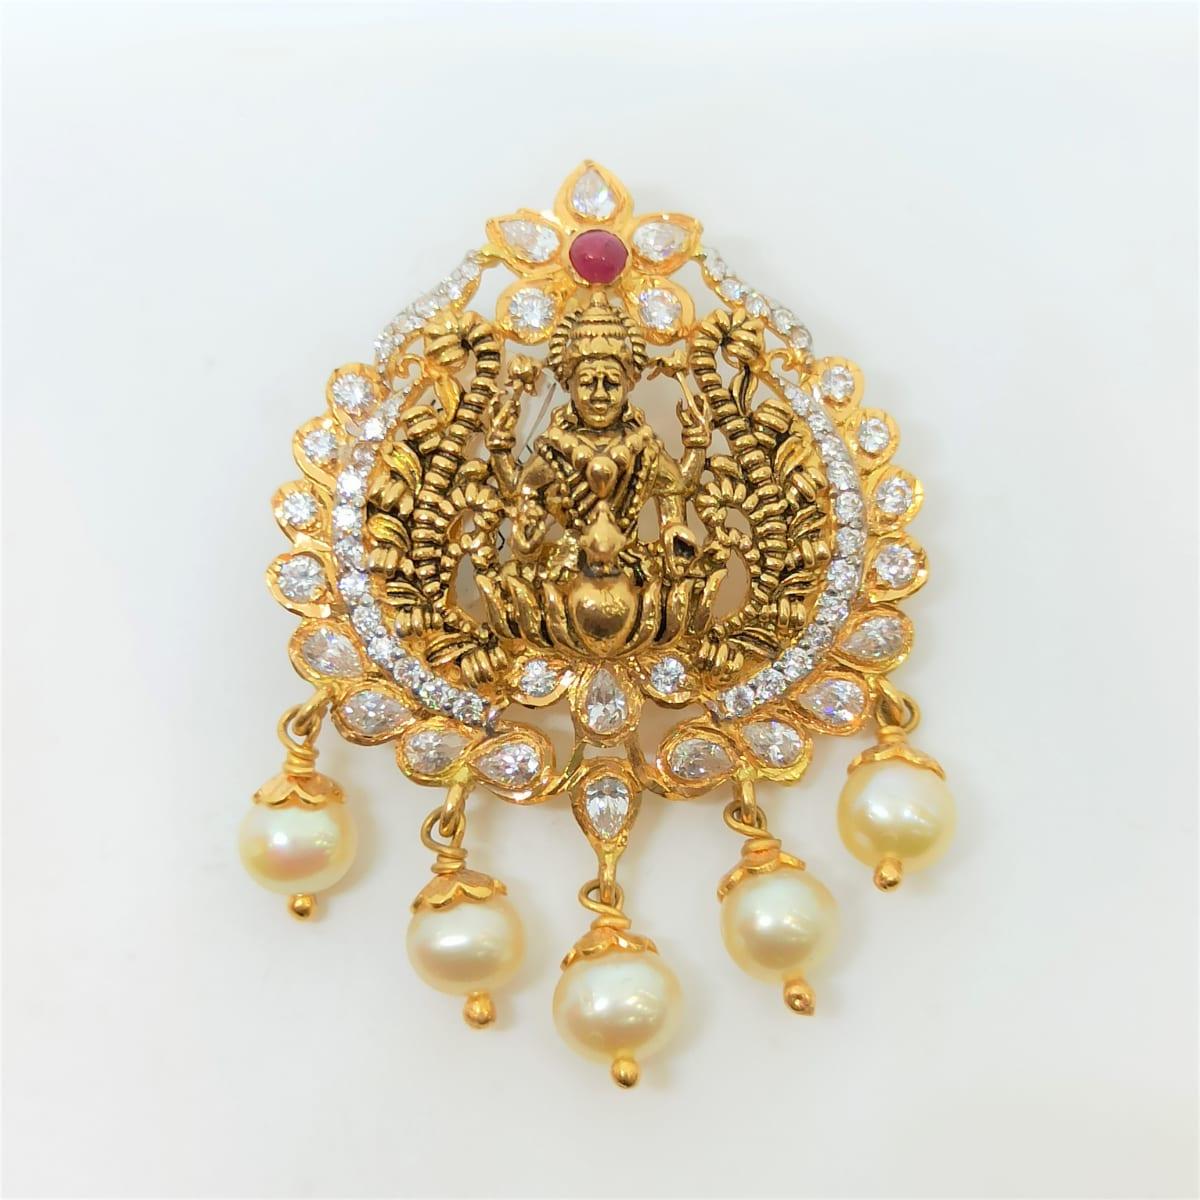 Lakshmi Antique Cz Pendant